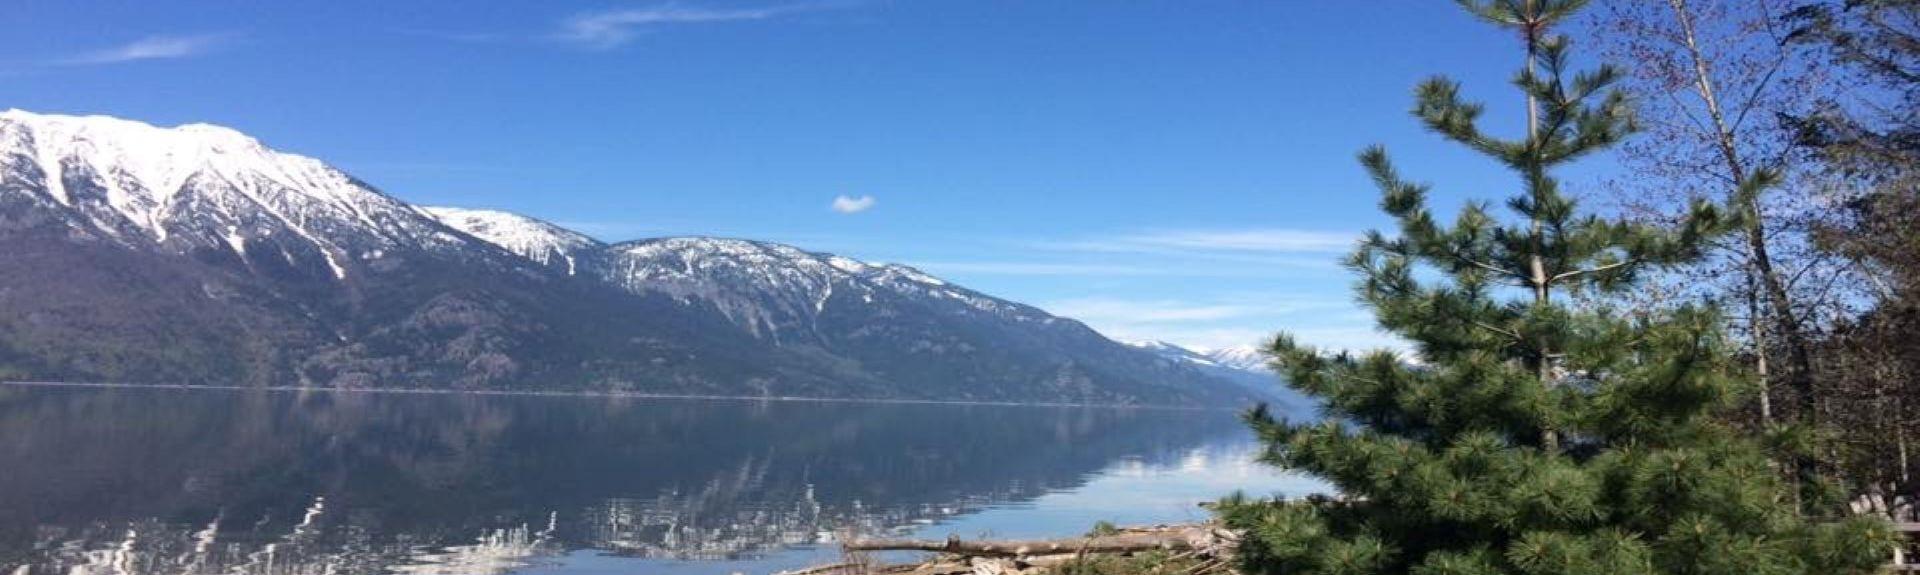 Whitewater Ski Resort, Nelson, British Columbia, Canada